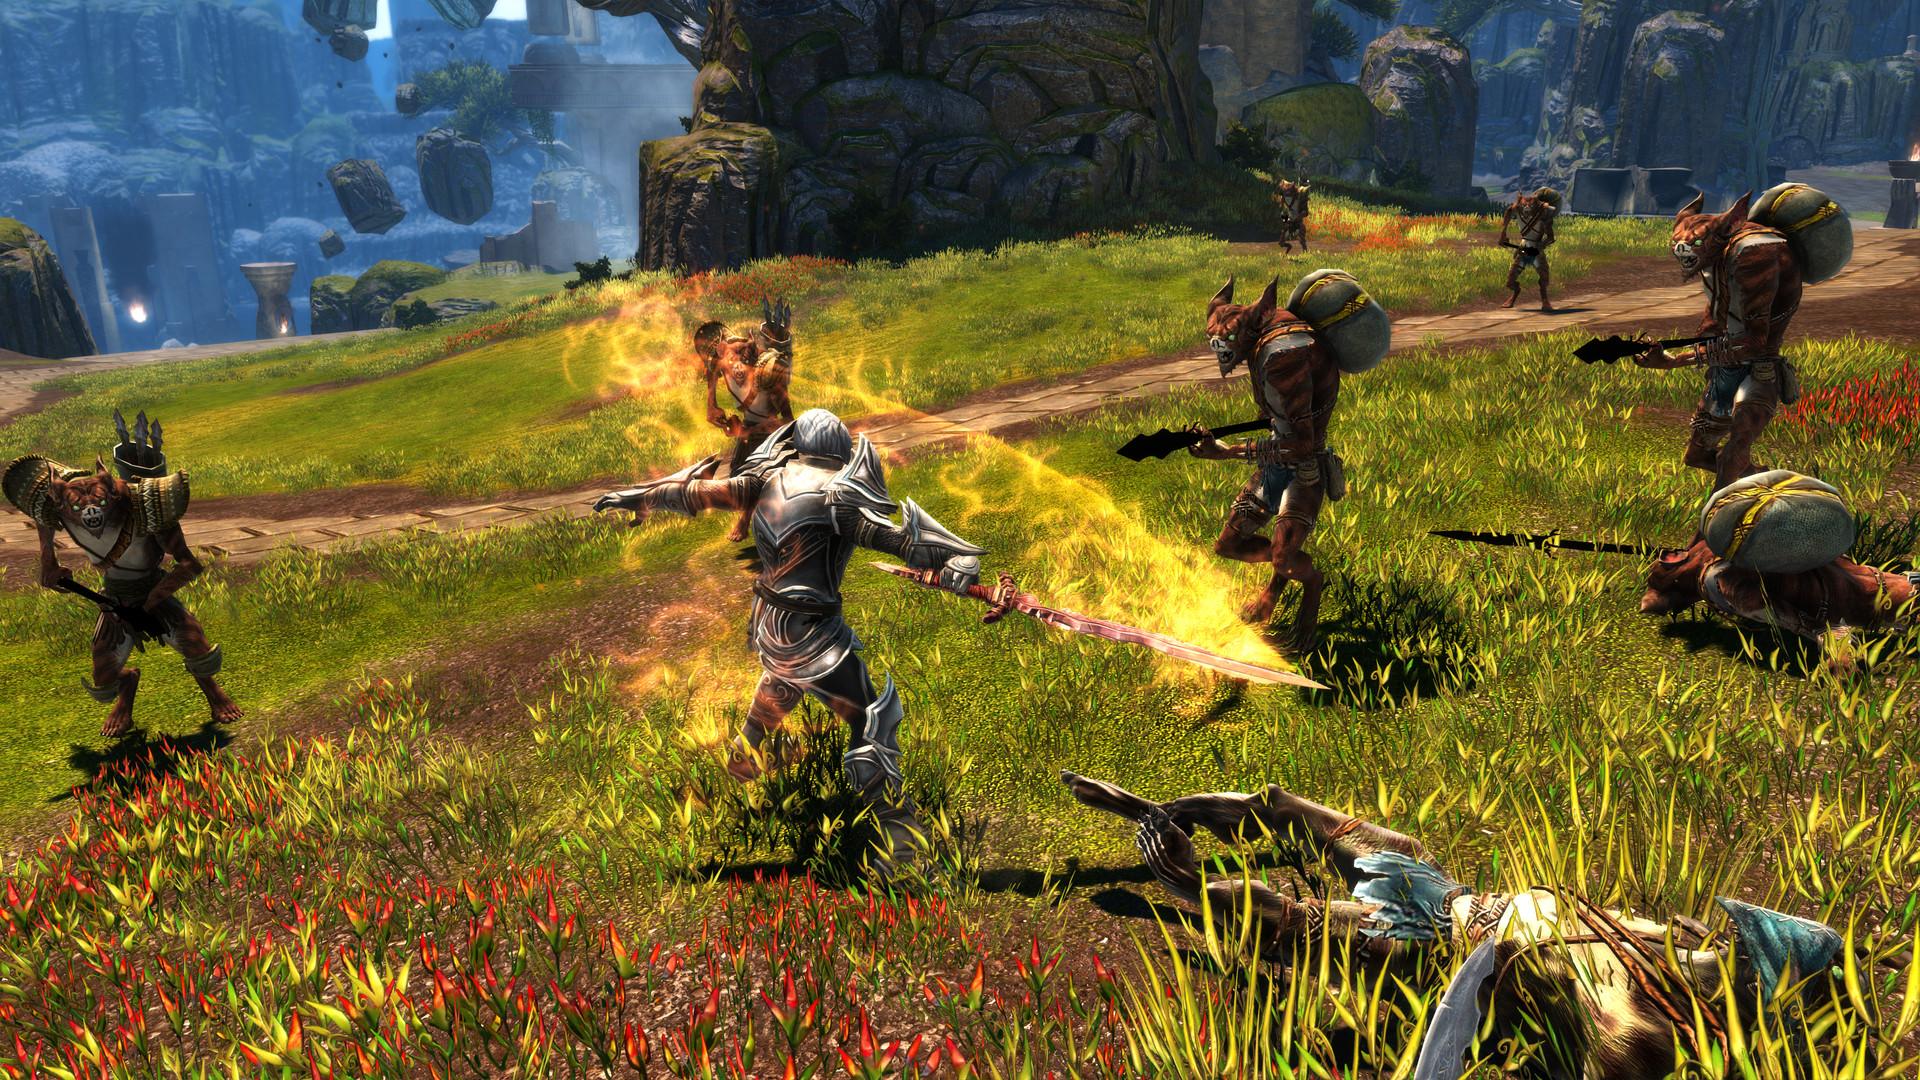 kingdom-of-amalur-re-reckoning-pc-screenshot-03